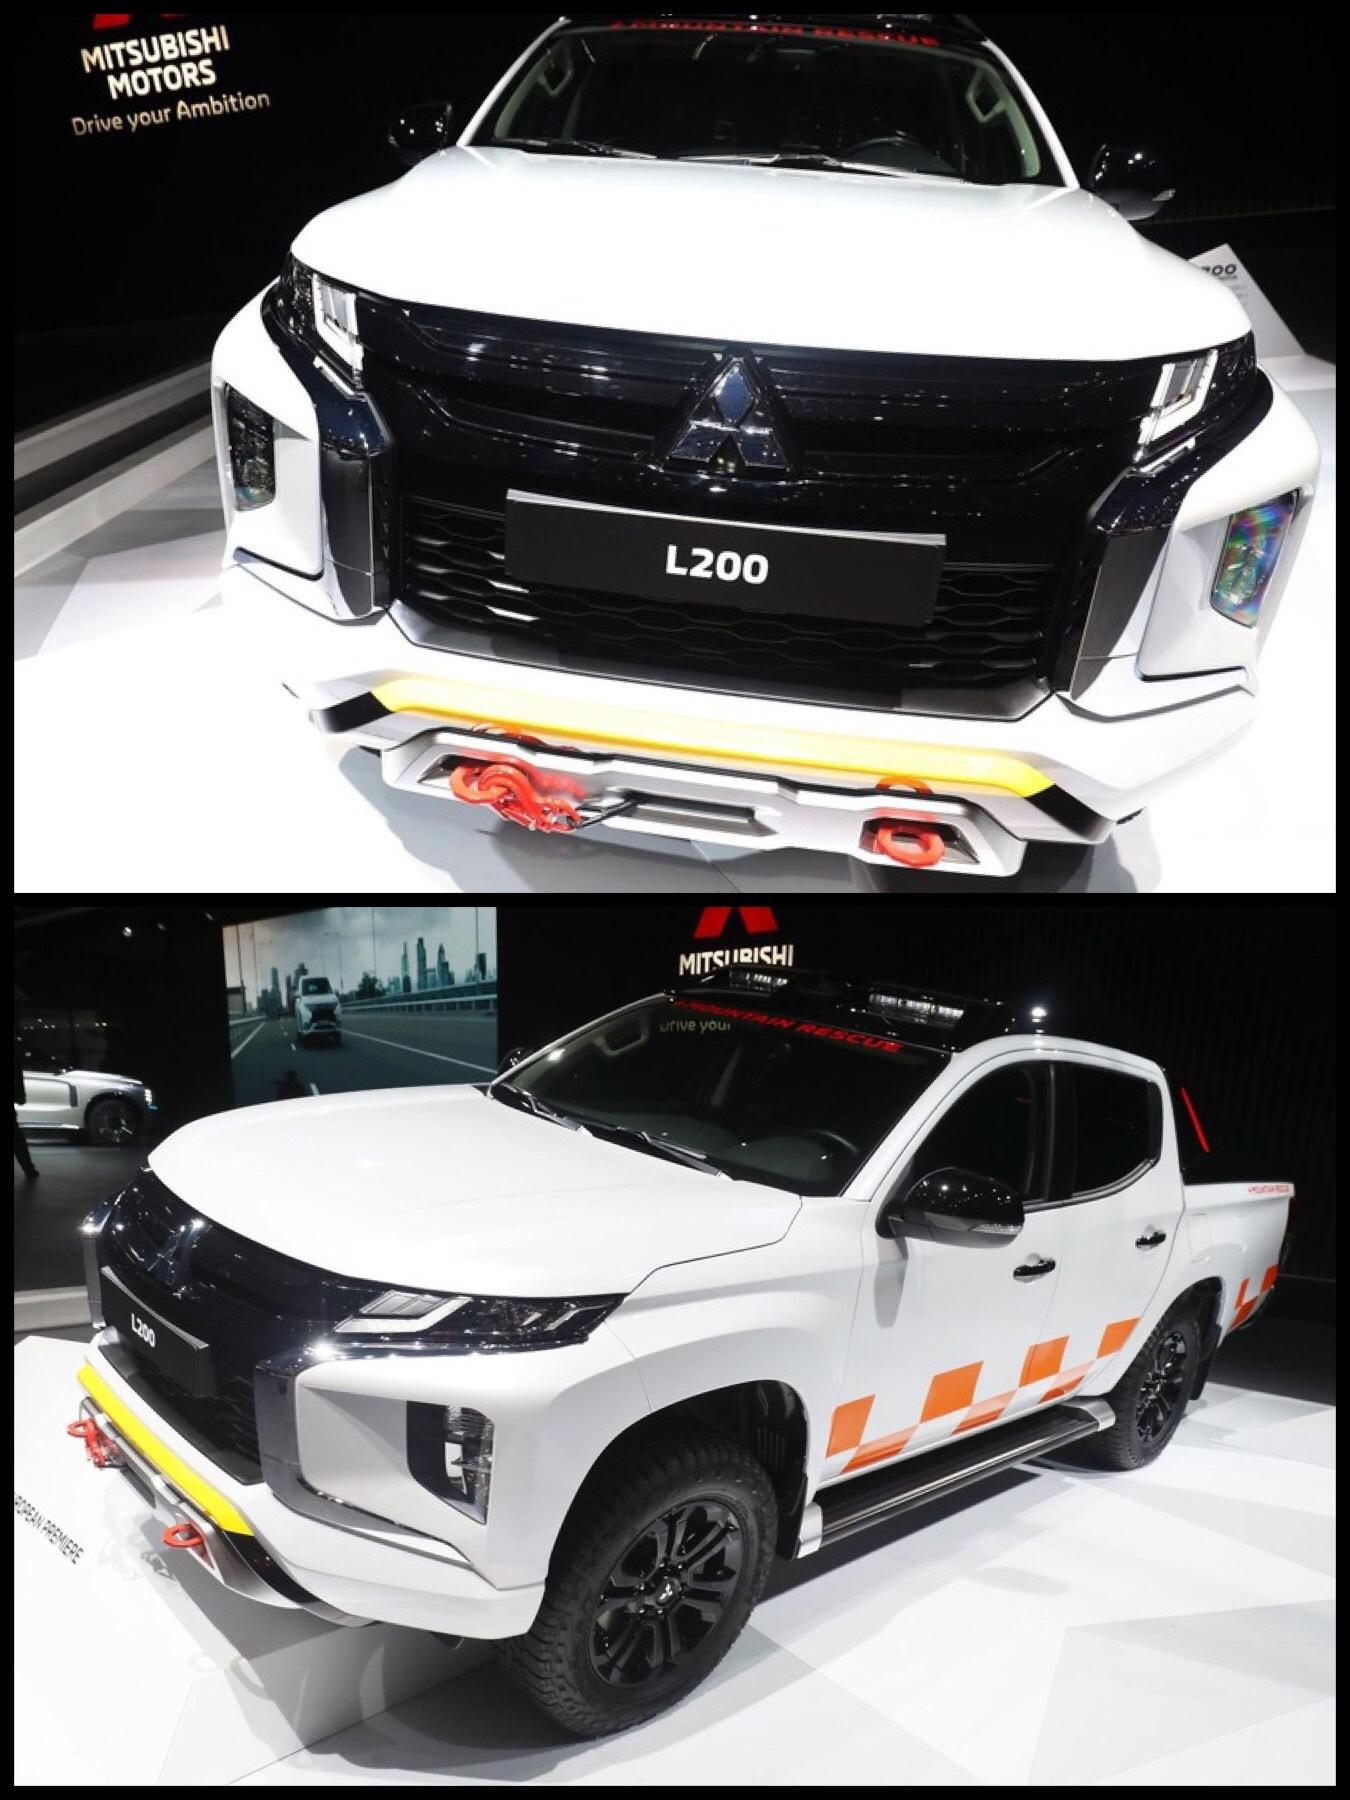 三菱 新型トライトン 『L200』2020モデル ジュネーブ